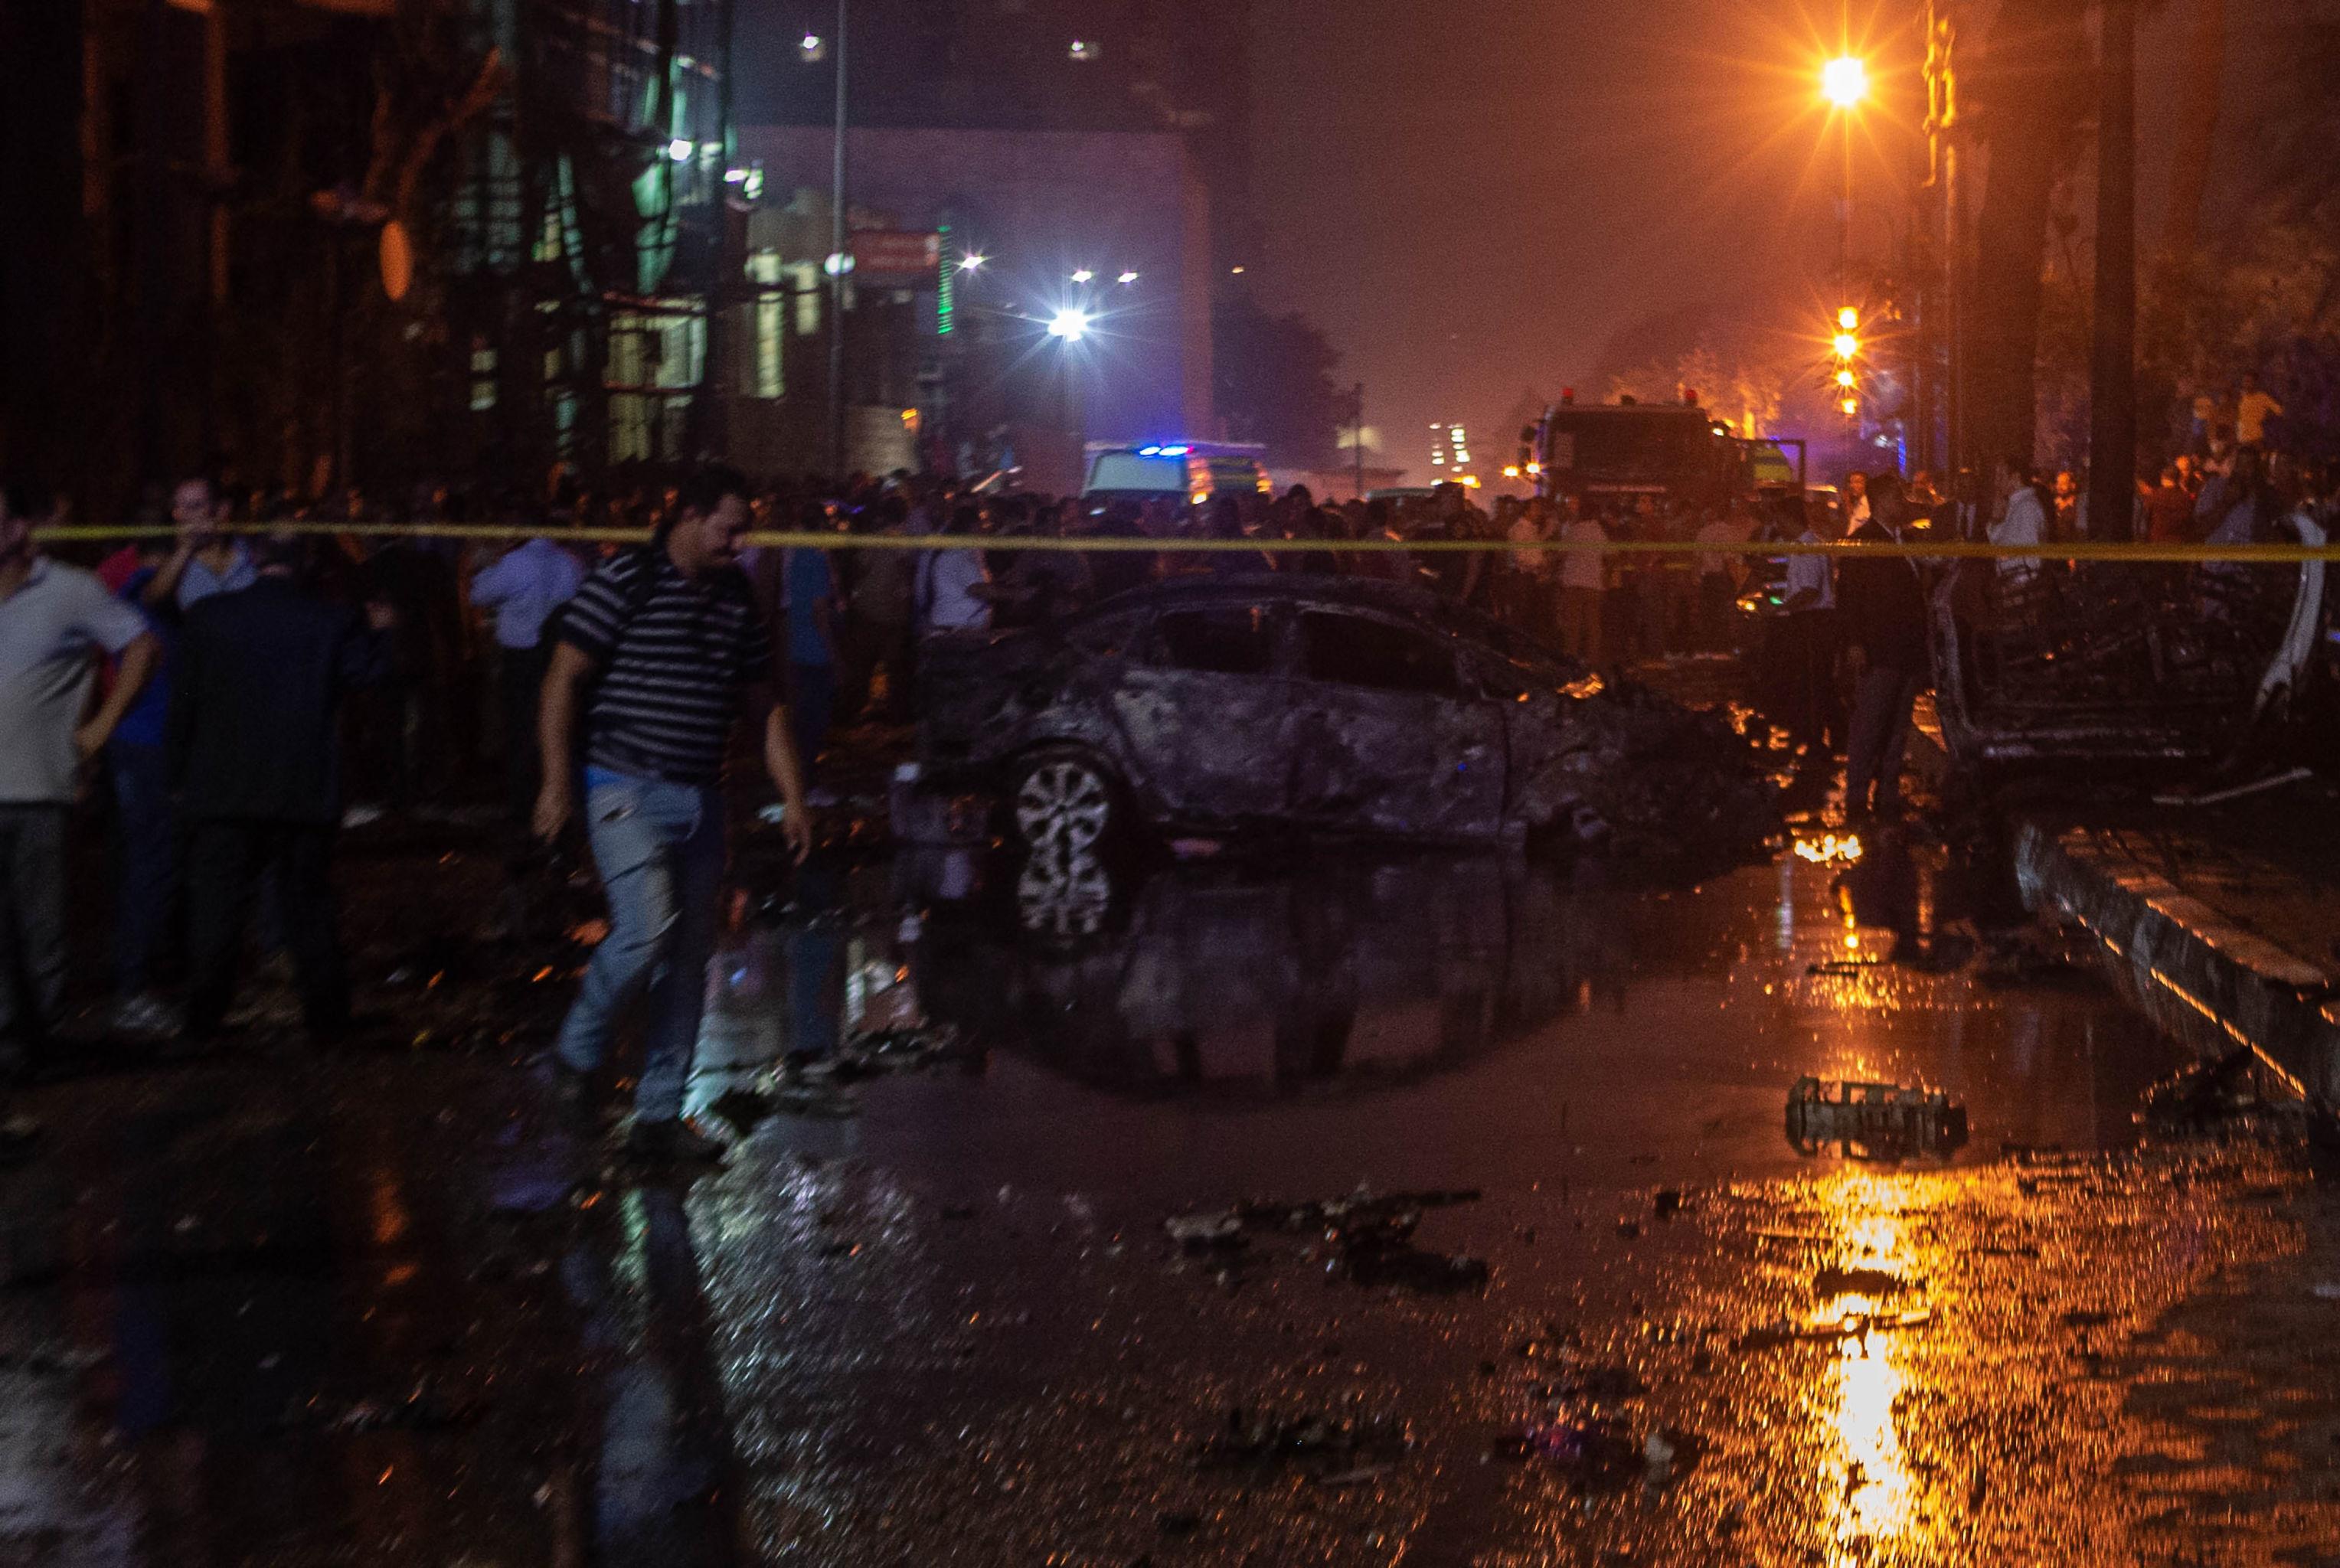 La collision meurtrière entre des voitures au Caire qualifiée d'acte terroriste